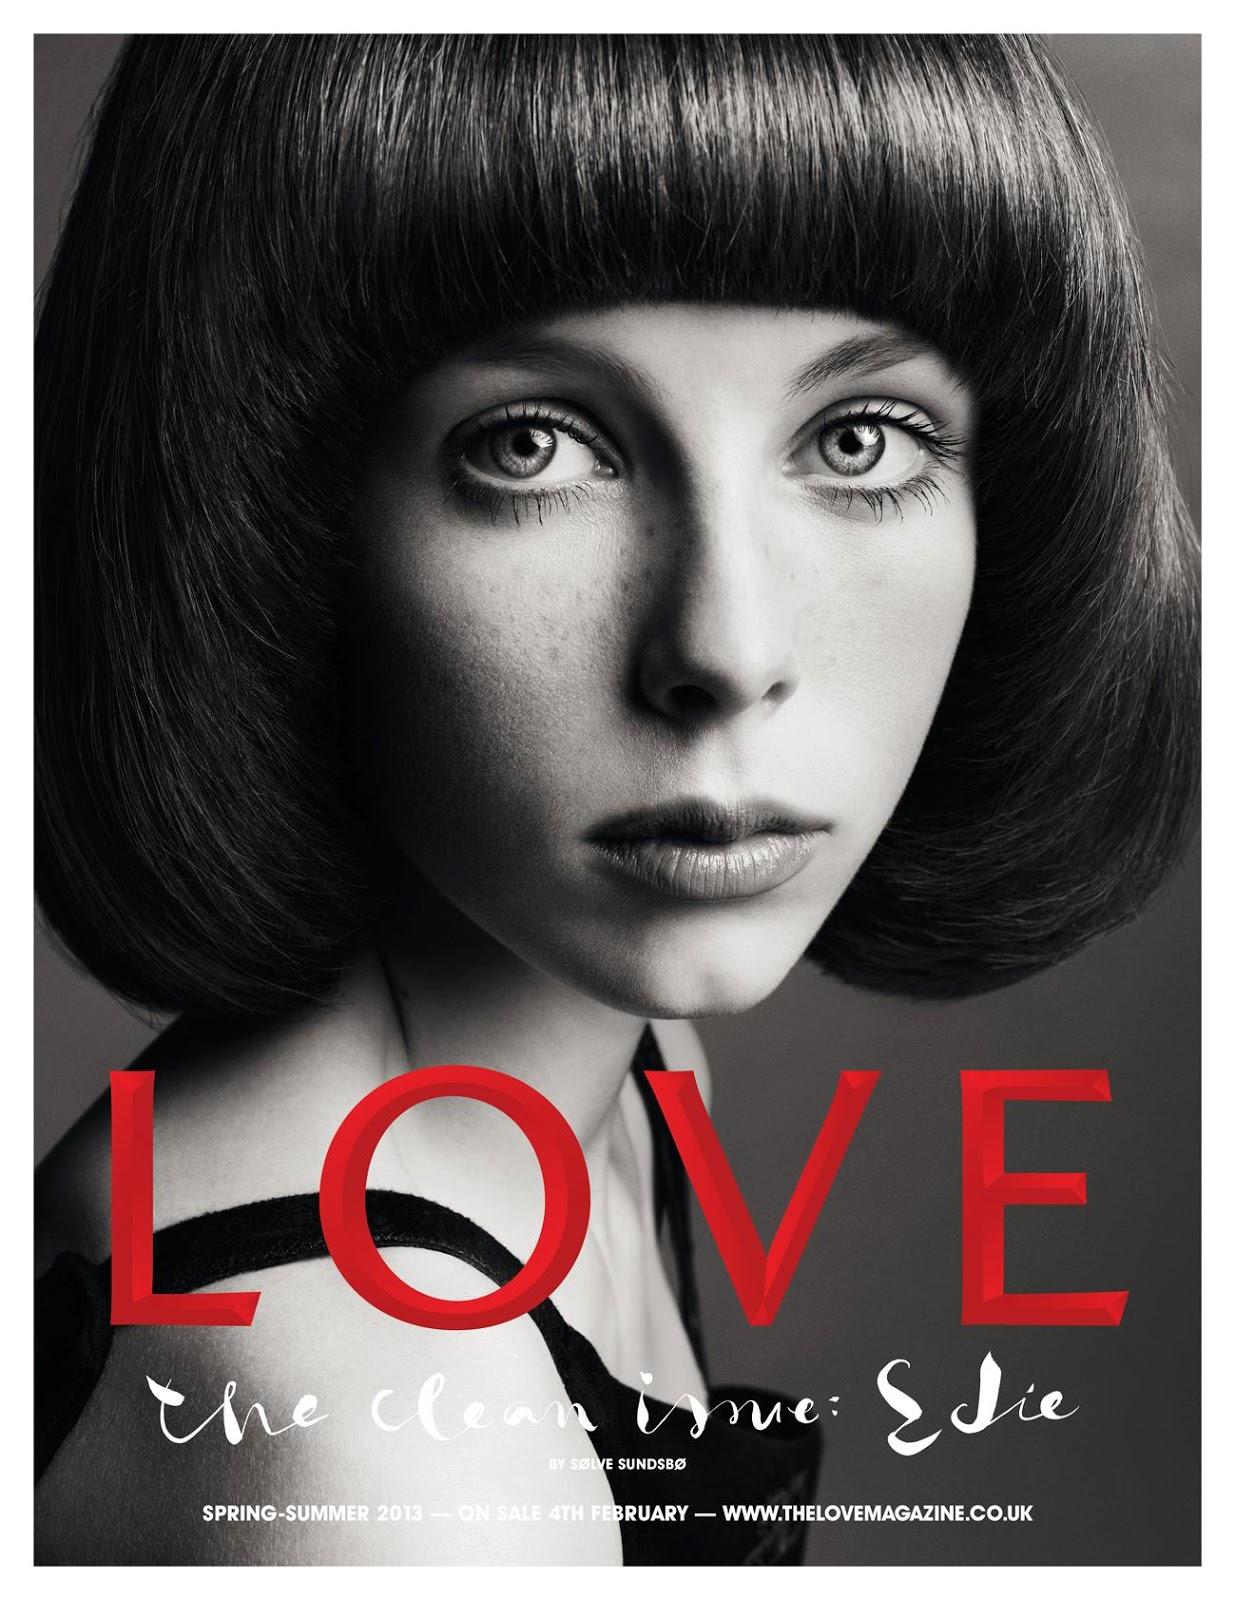 http://1.bp.blogspot.com/-sP_dDfMnZ5E/UPVoBanhvQI/AAAAAAAA87s/3XsJKVjEZGw/s1600/Love-Magazine-Spring-Summer-2013-Edie-Campbell-Cover.jpg